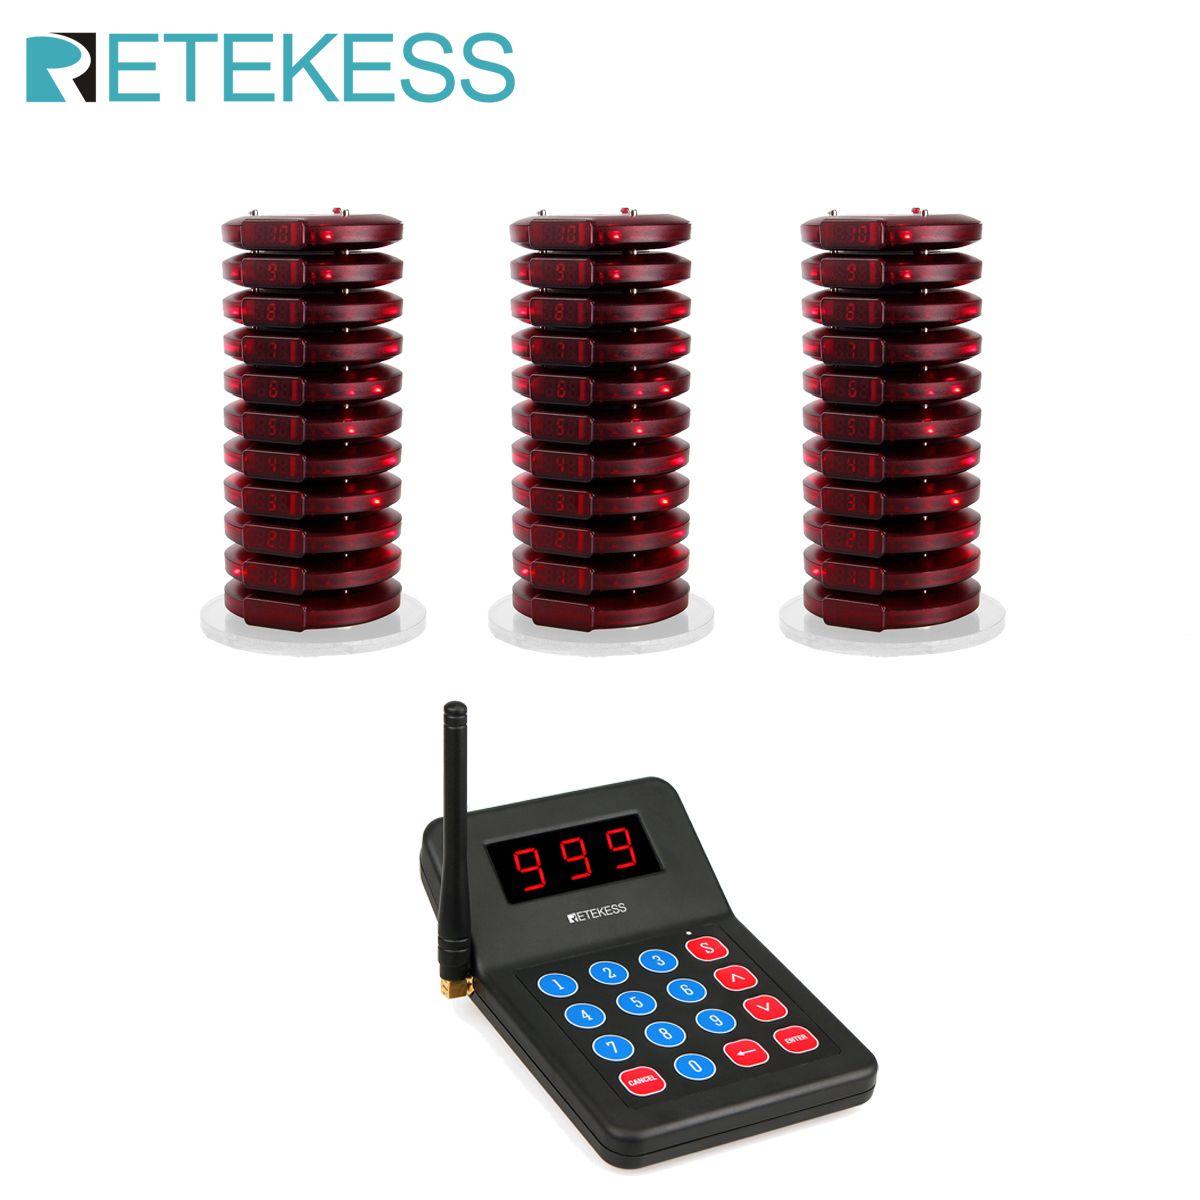 RETEKESS 999 Kanal Restaurant Pager Wireless Paging-Queuing Aufruf System Summer Für Cafe Shop Kirche Restaurant Ausrüstung